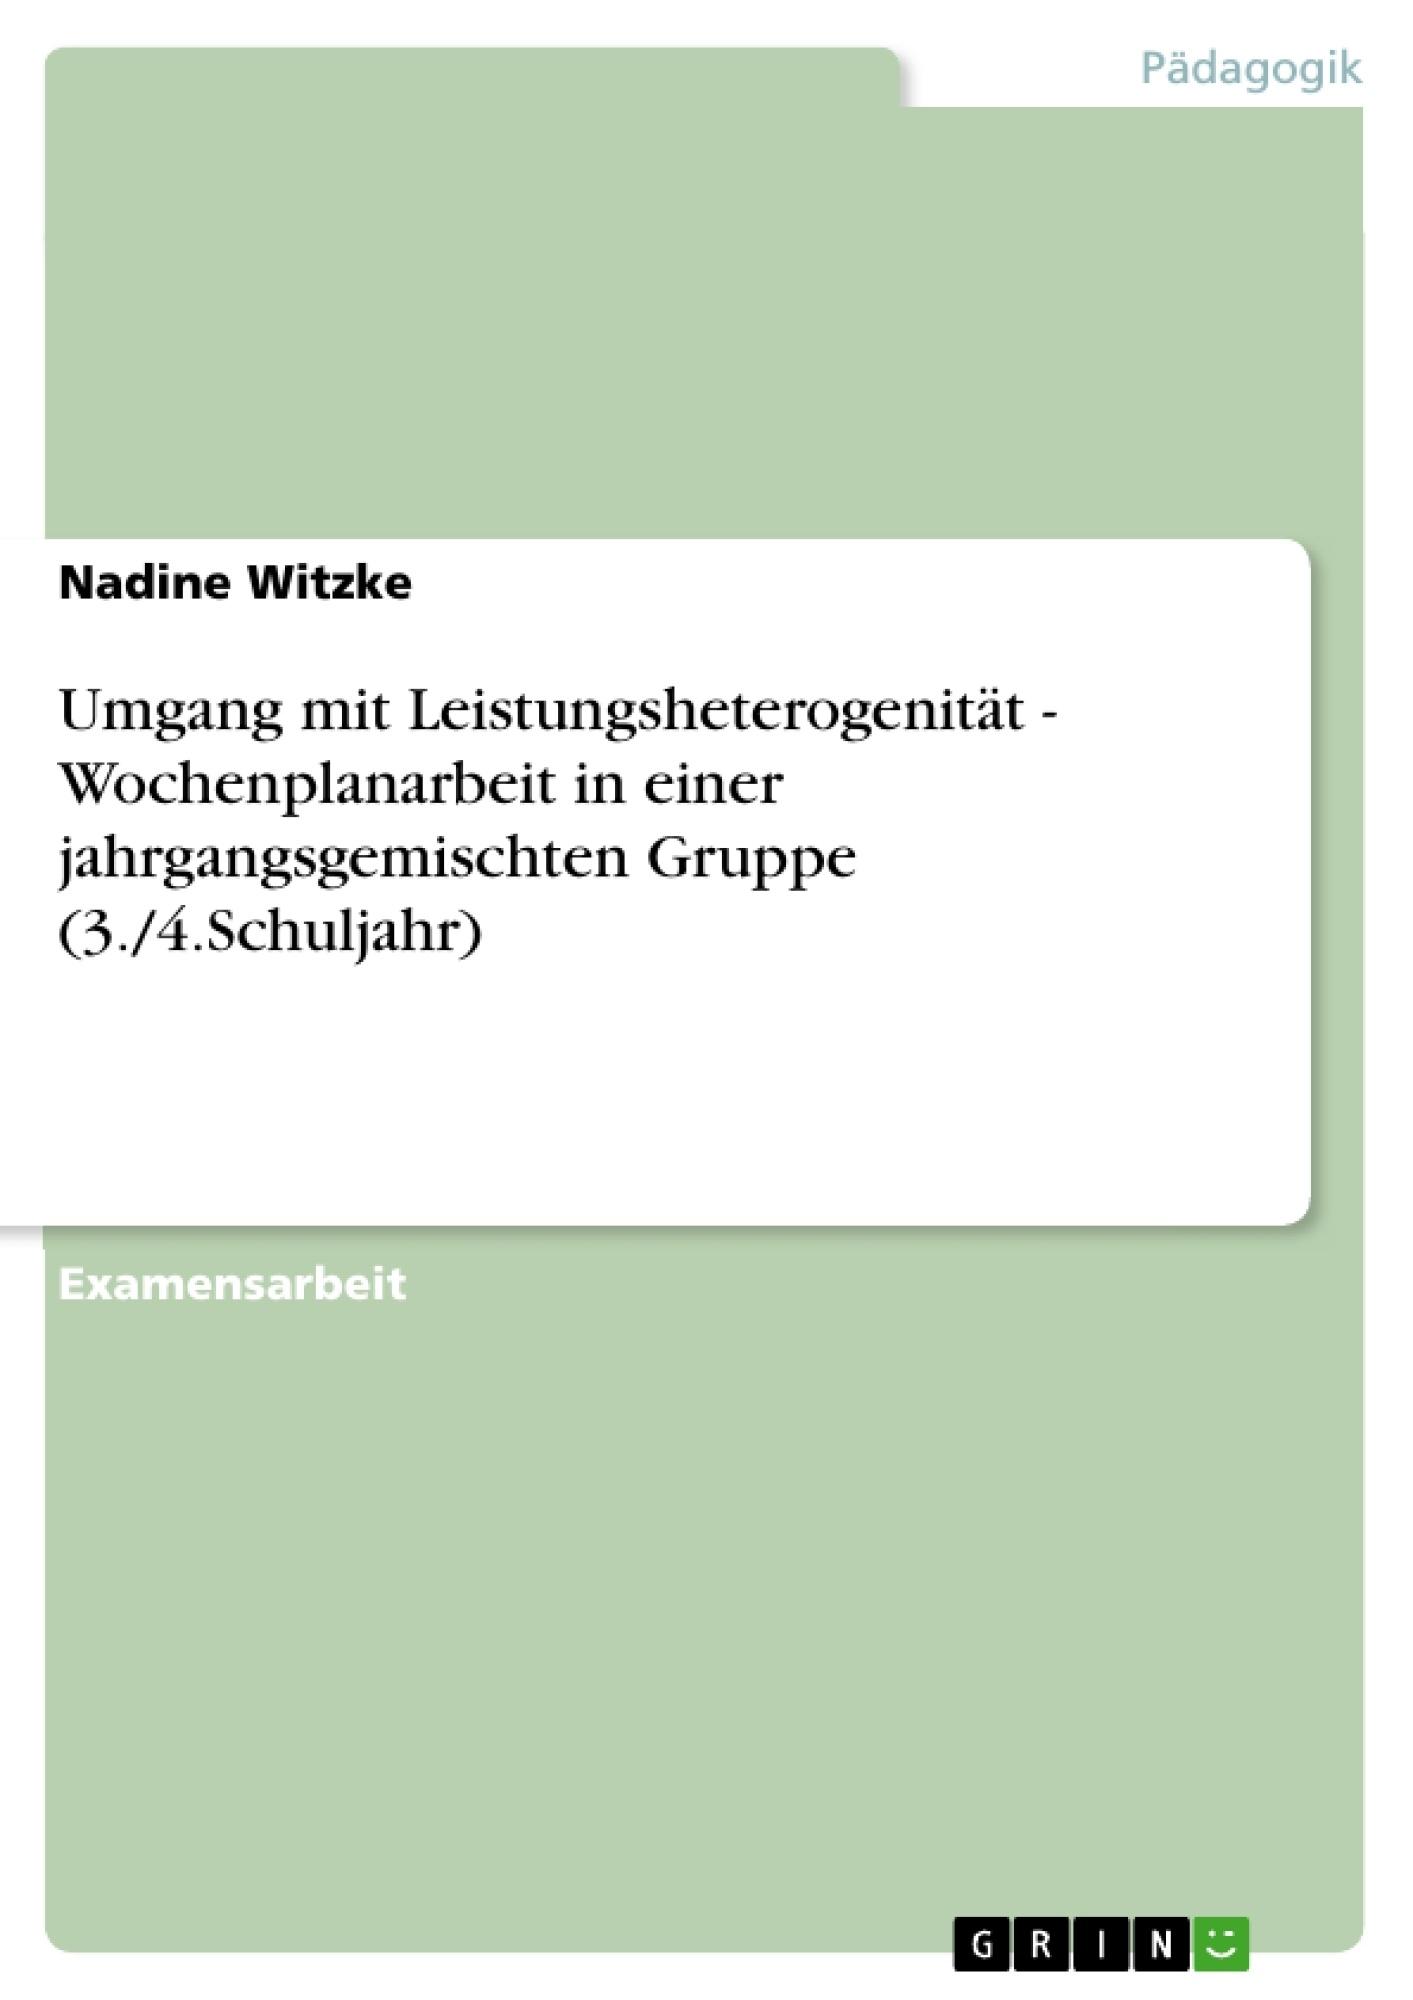 Titel: Umgang mit Leistungsheterogenität - Wochenplanarbeit in einer jahrgangsgemischten Gruppe (3./4.Schuljahr)